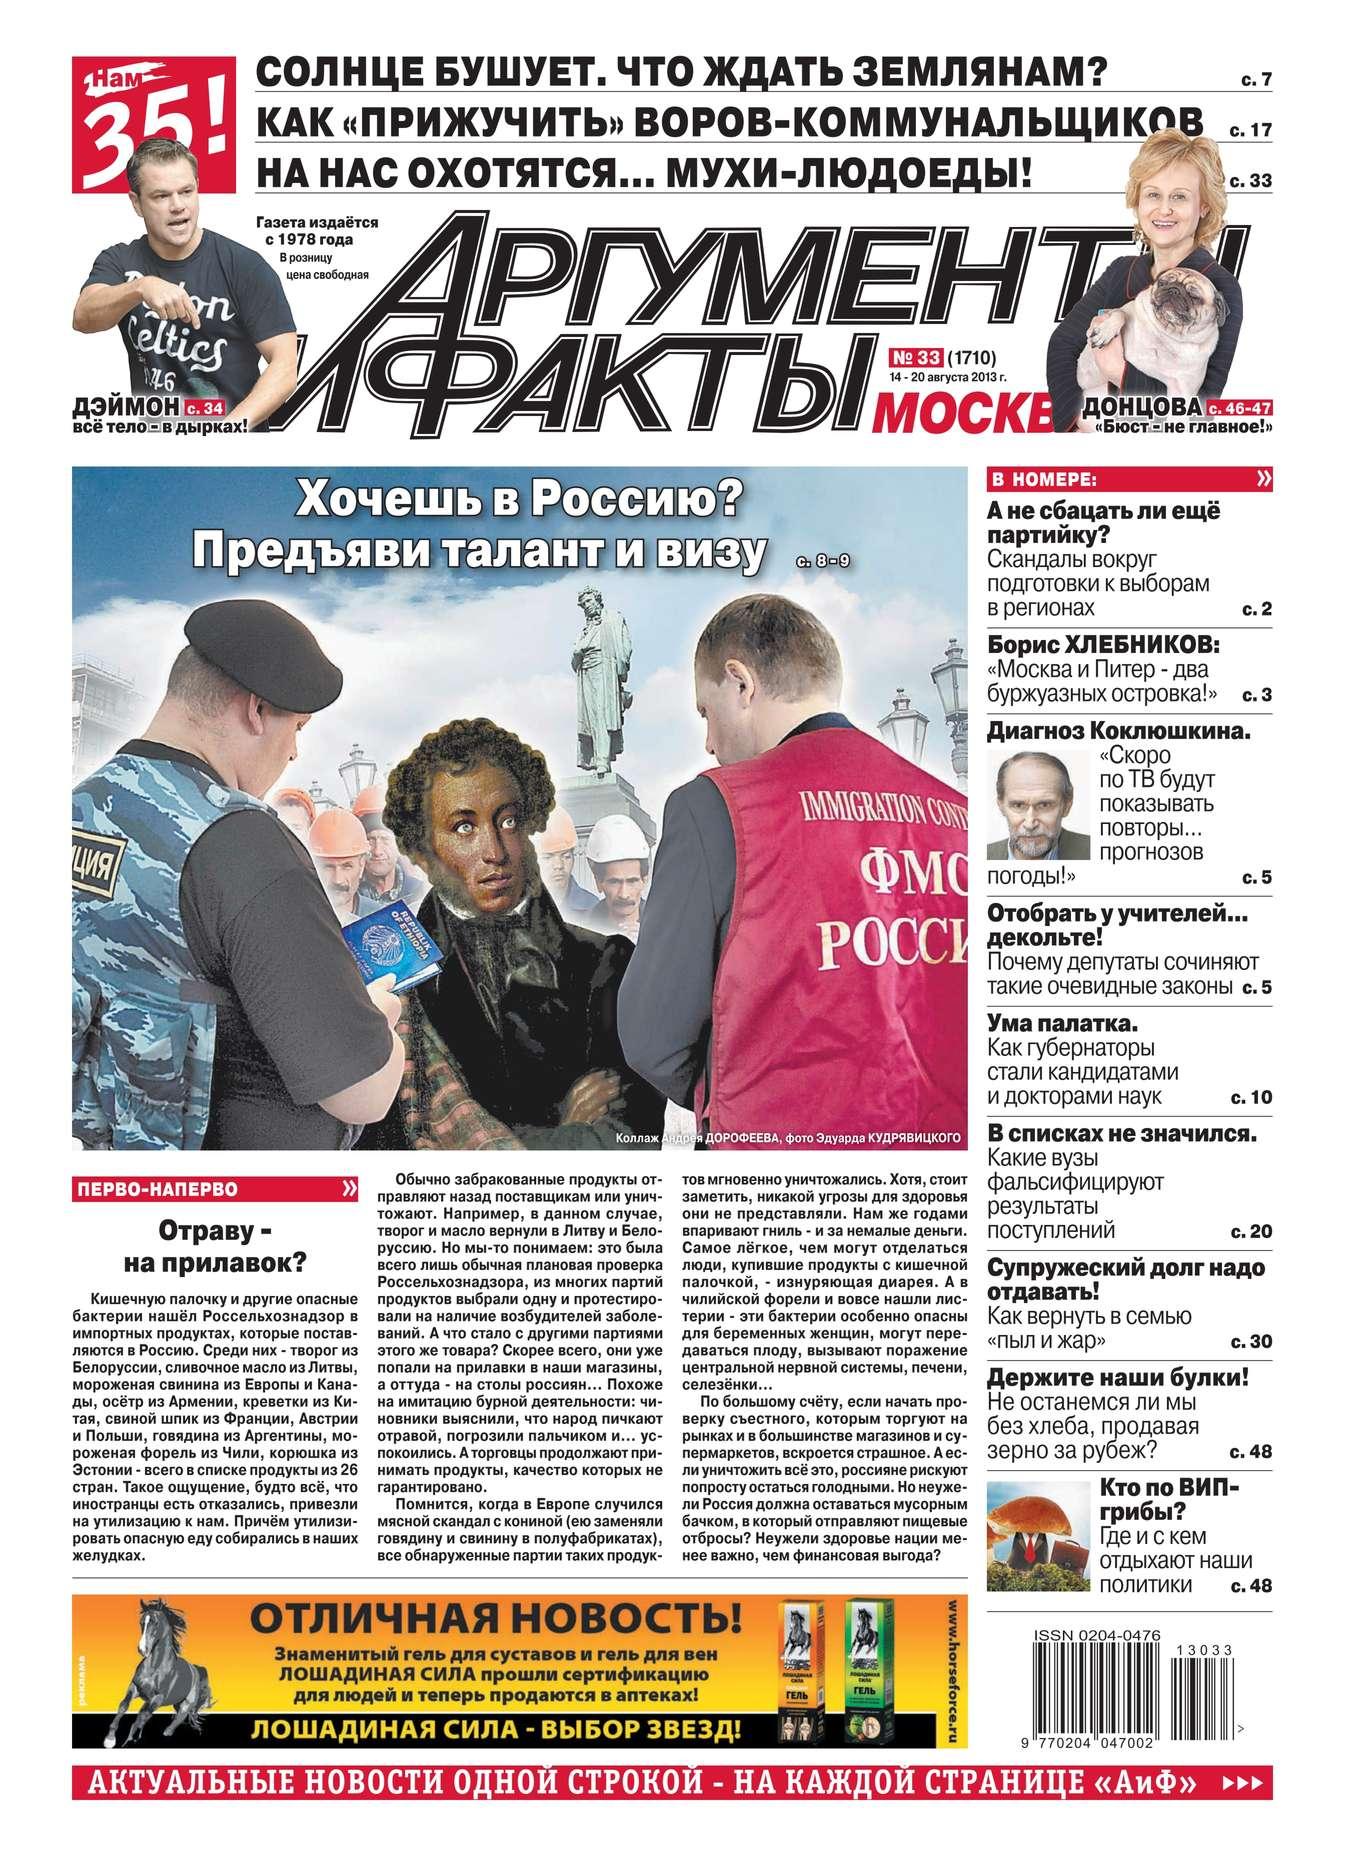 Редакция журнала Аиф. Про Кухню Аргументы и факты 33-2013